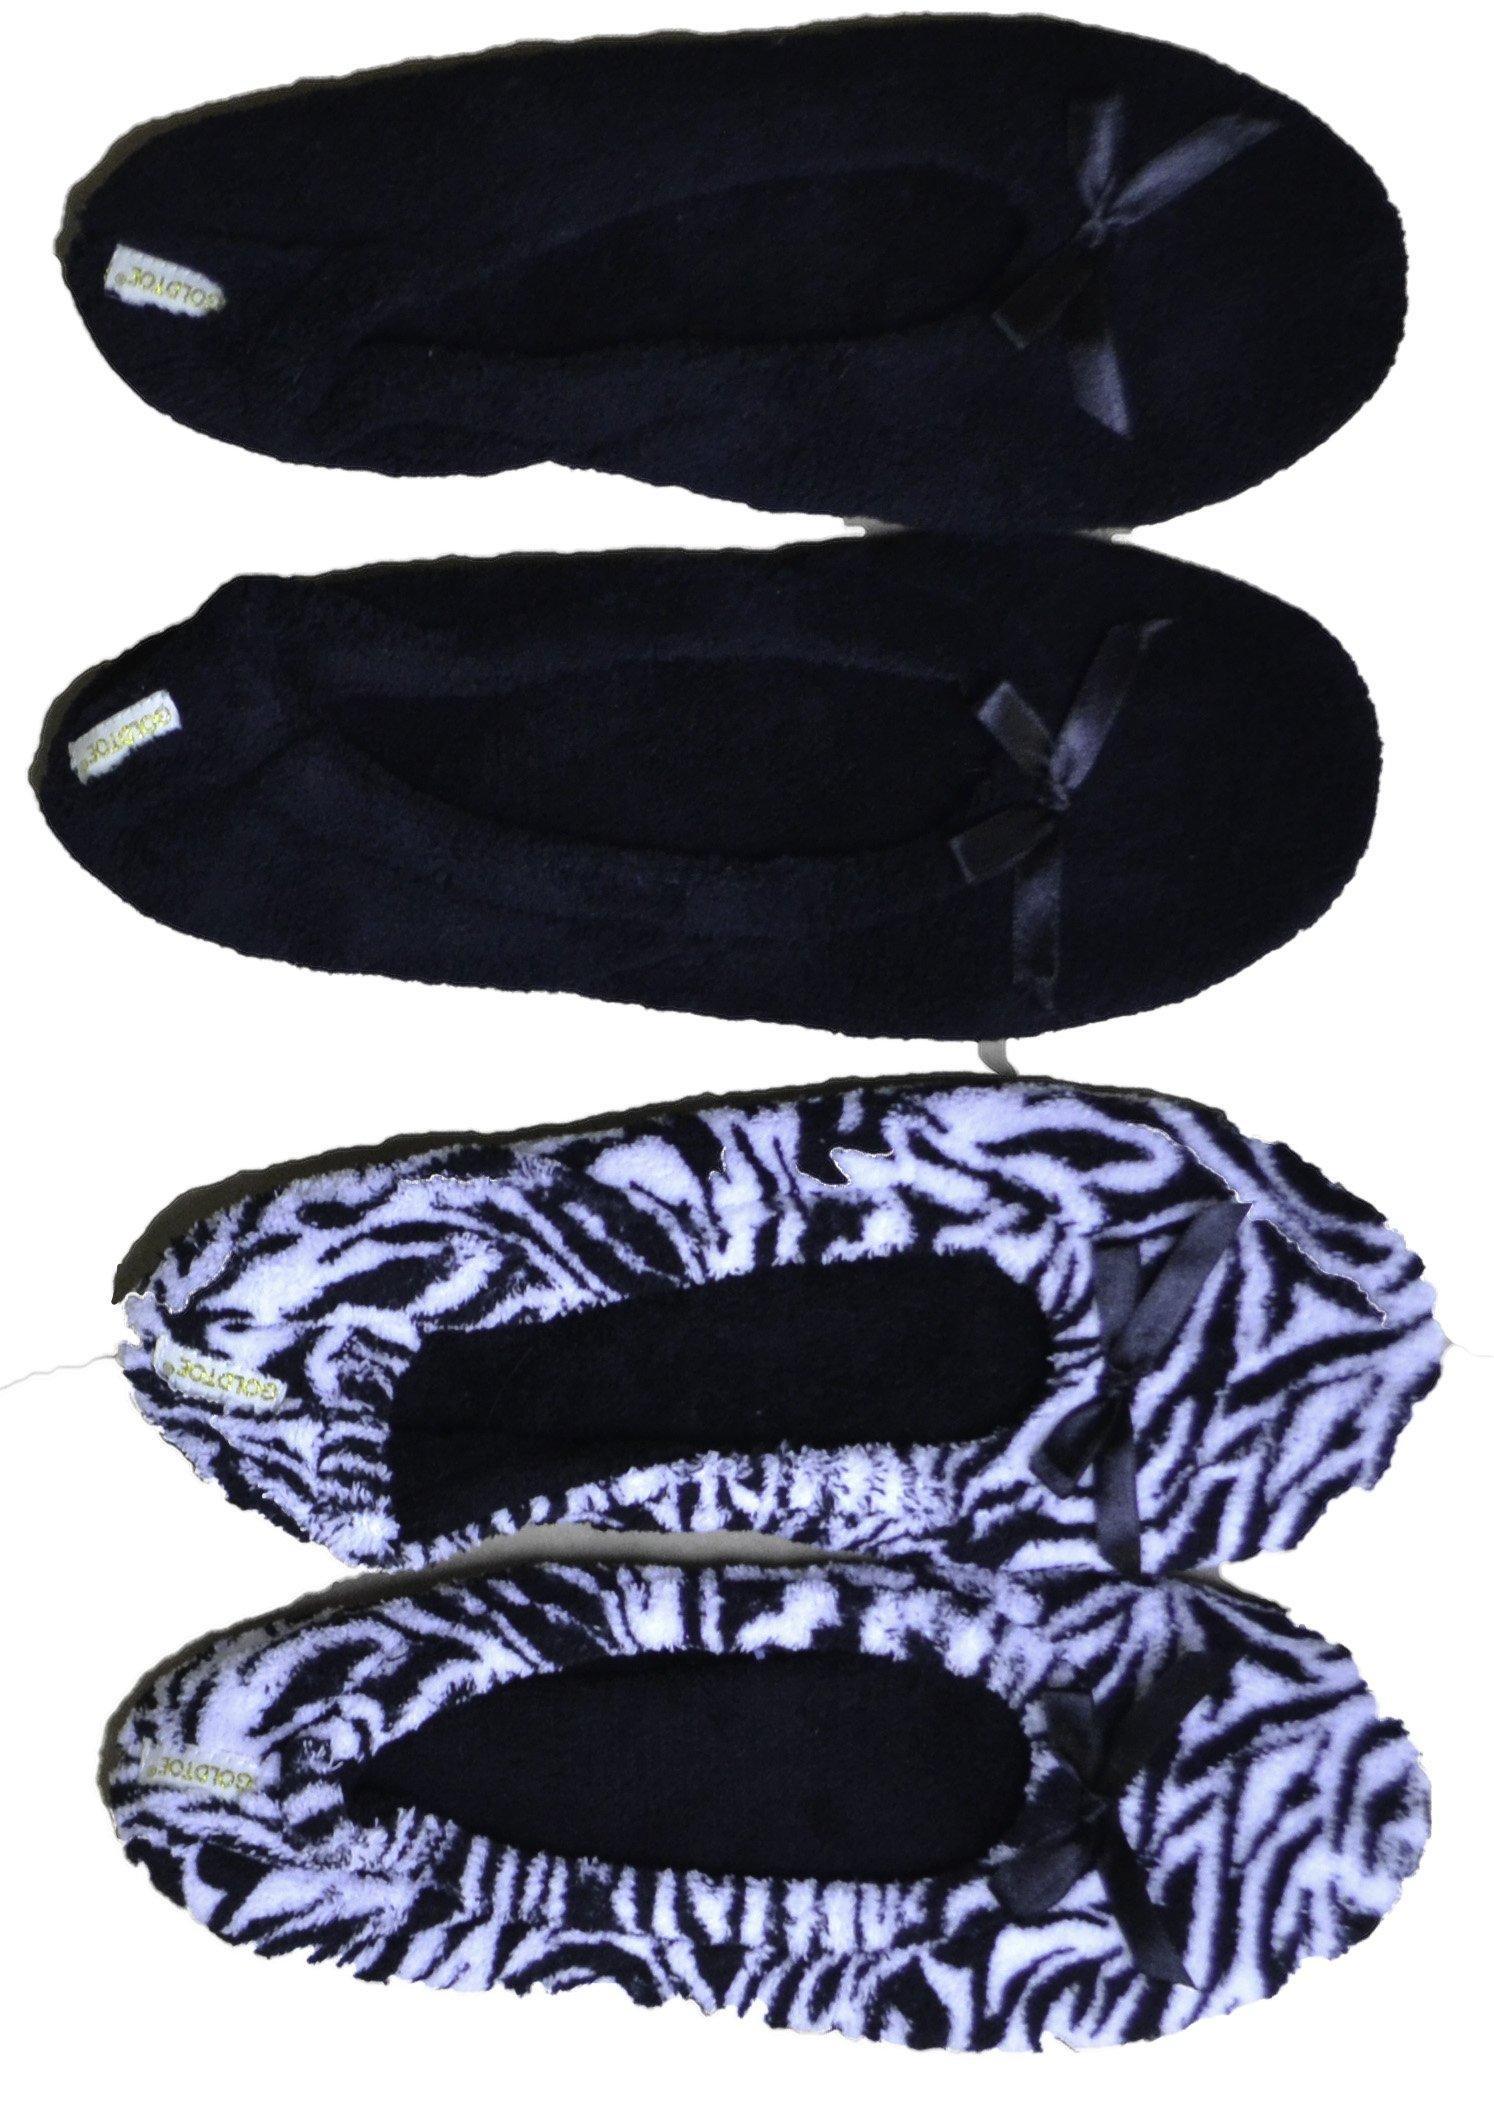 Gold Toe Womens Plush 2 Pack Ballerina Slippers (Zebra/Black GTW40049)